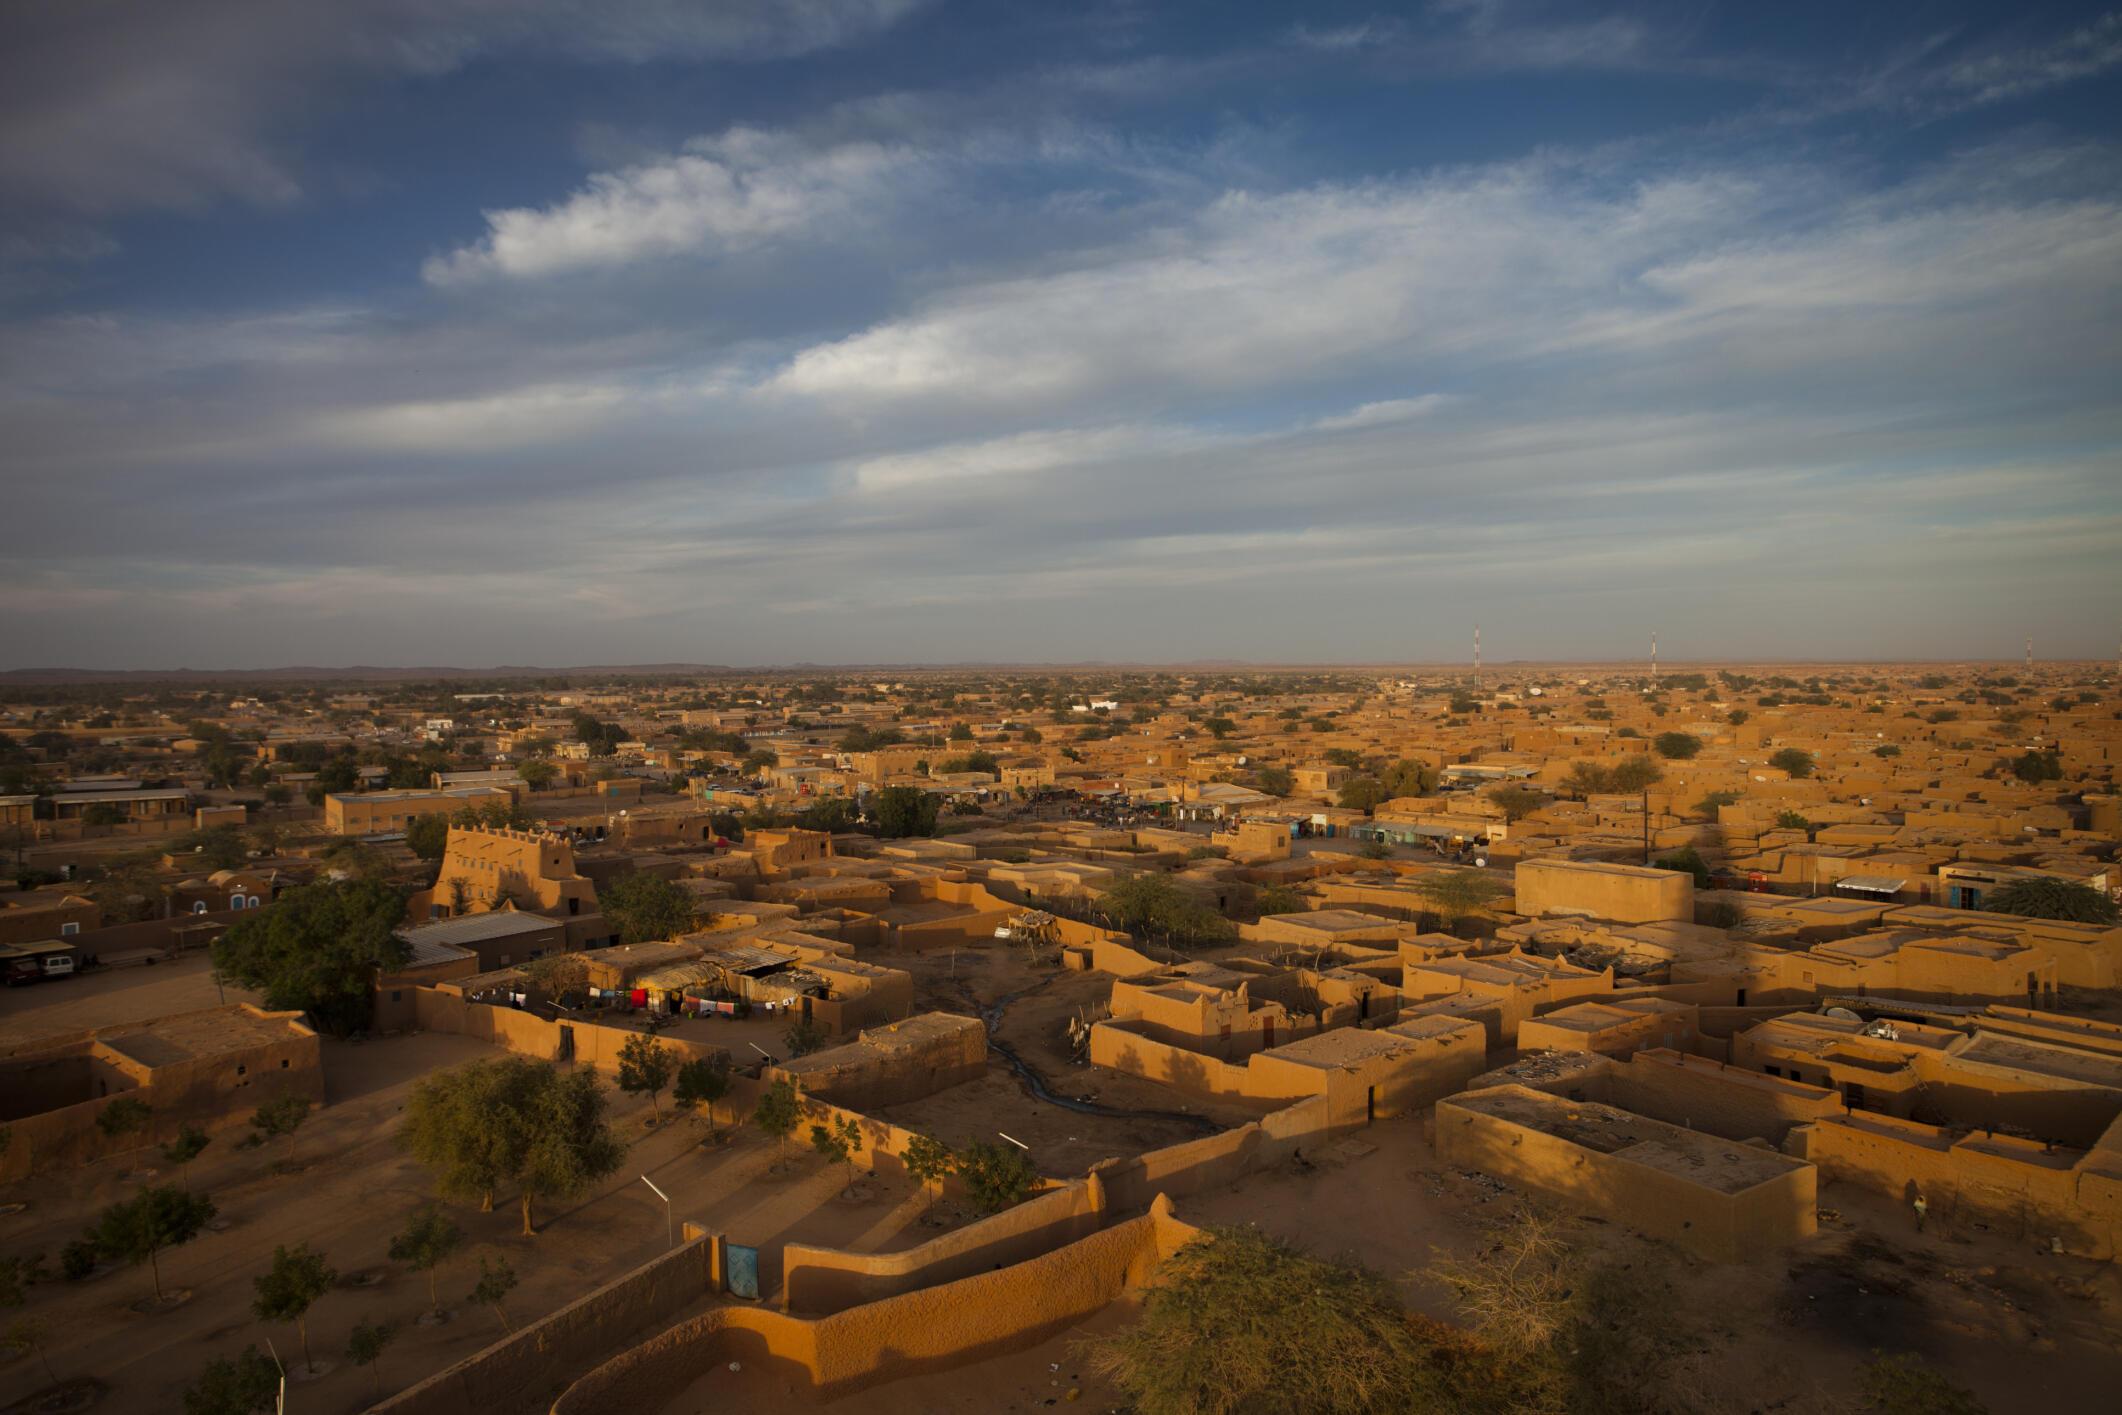 Vue sur la ville d'Agadez depuis le minaret de la grande mosquée.